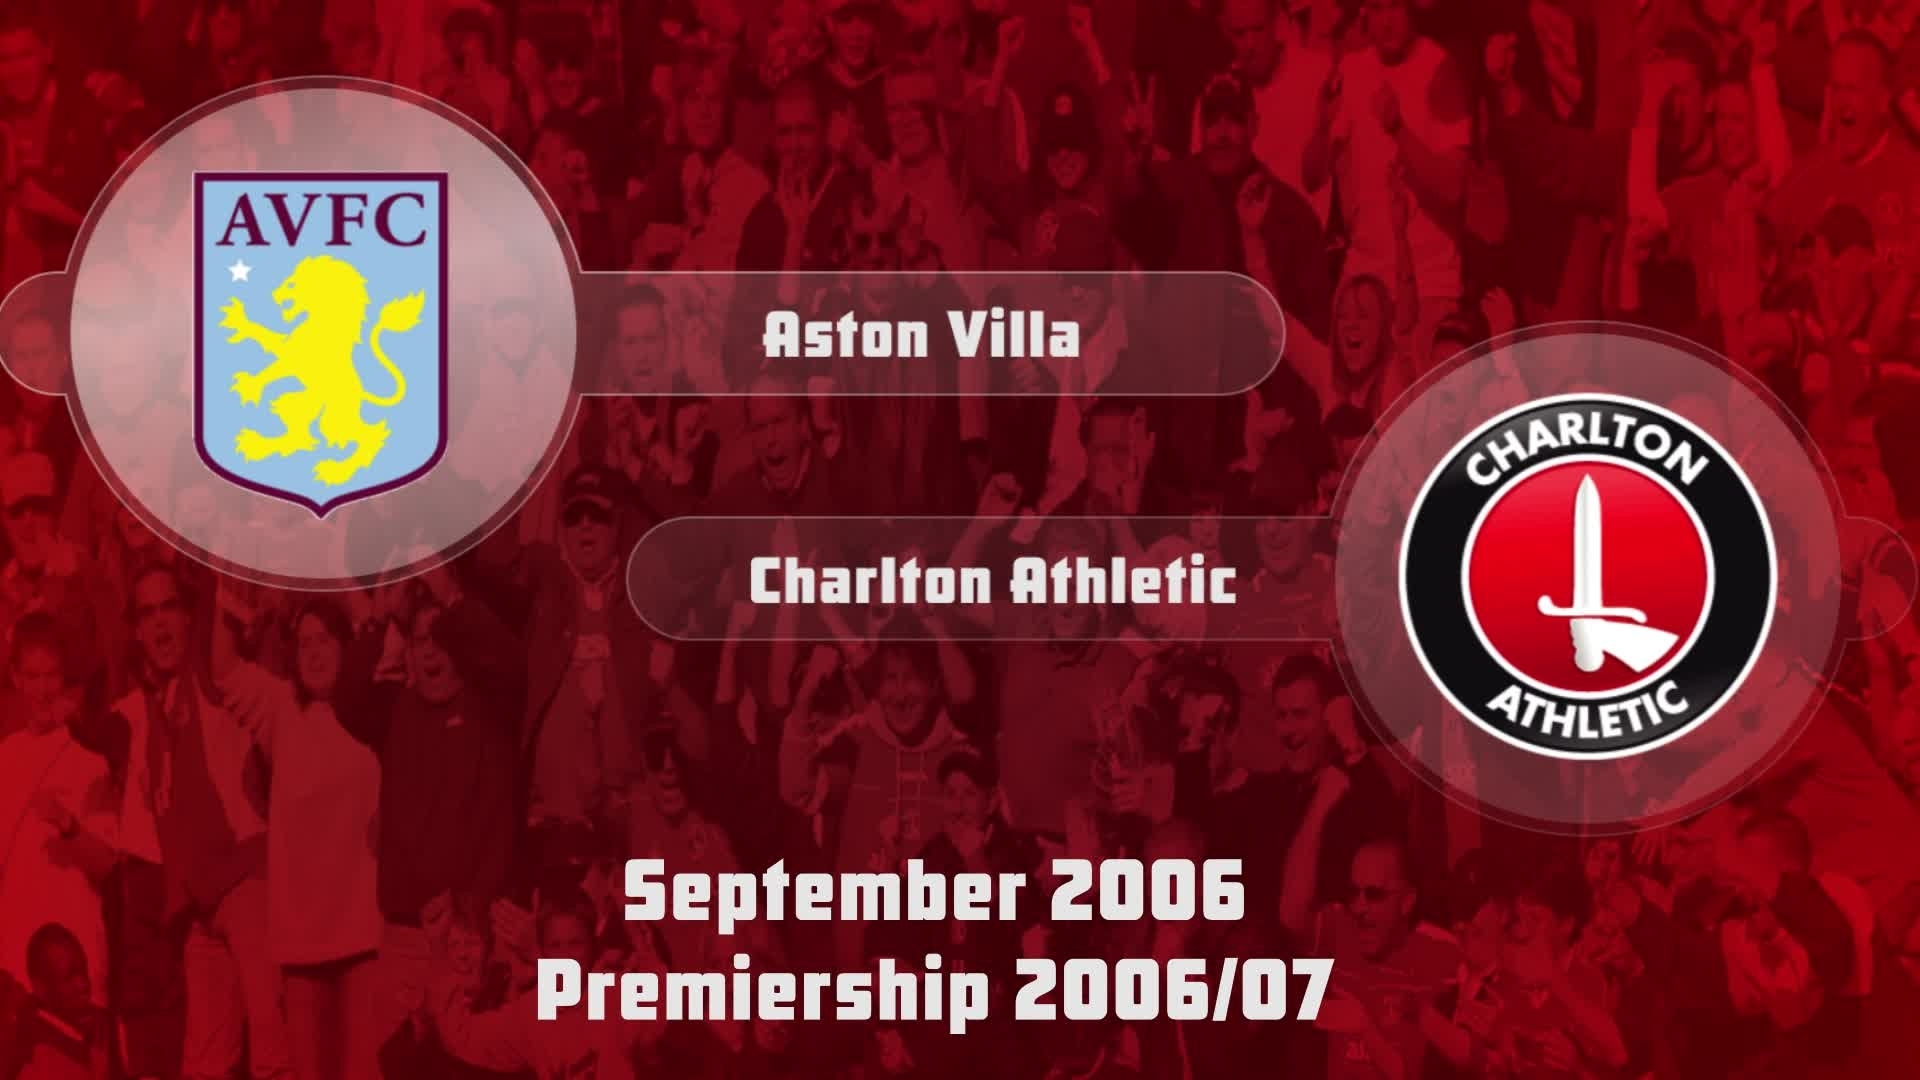 07 HIGHLIGHTS | Aston Villa 2 Charlton 0 (Sept 2006)